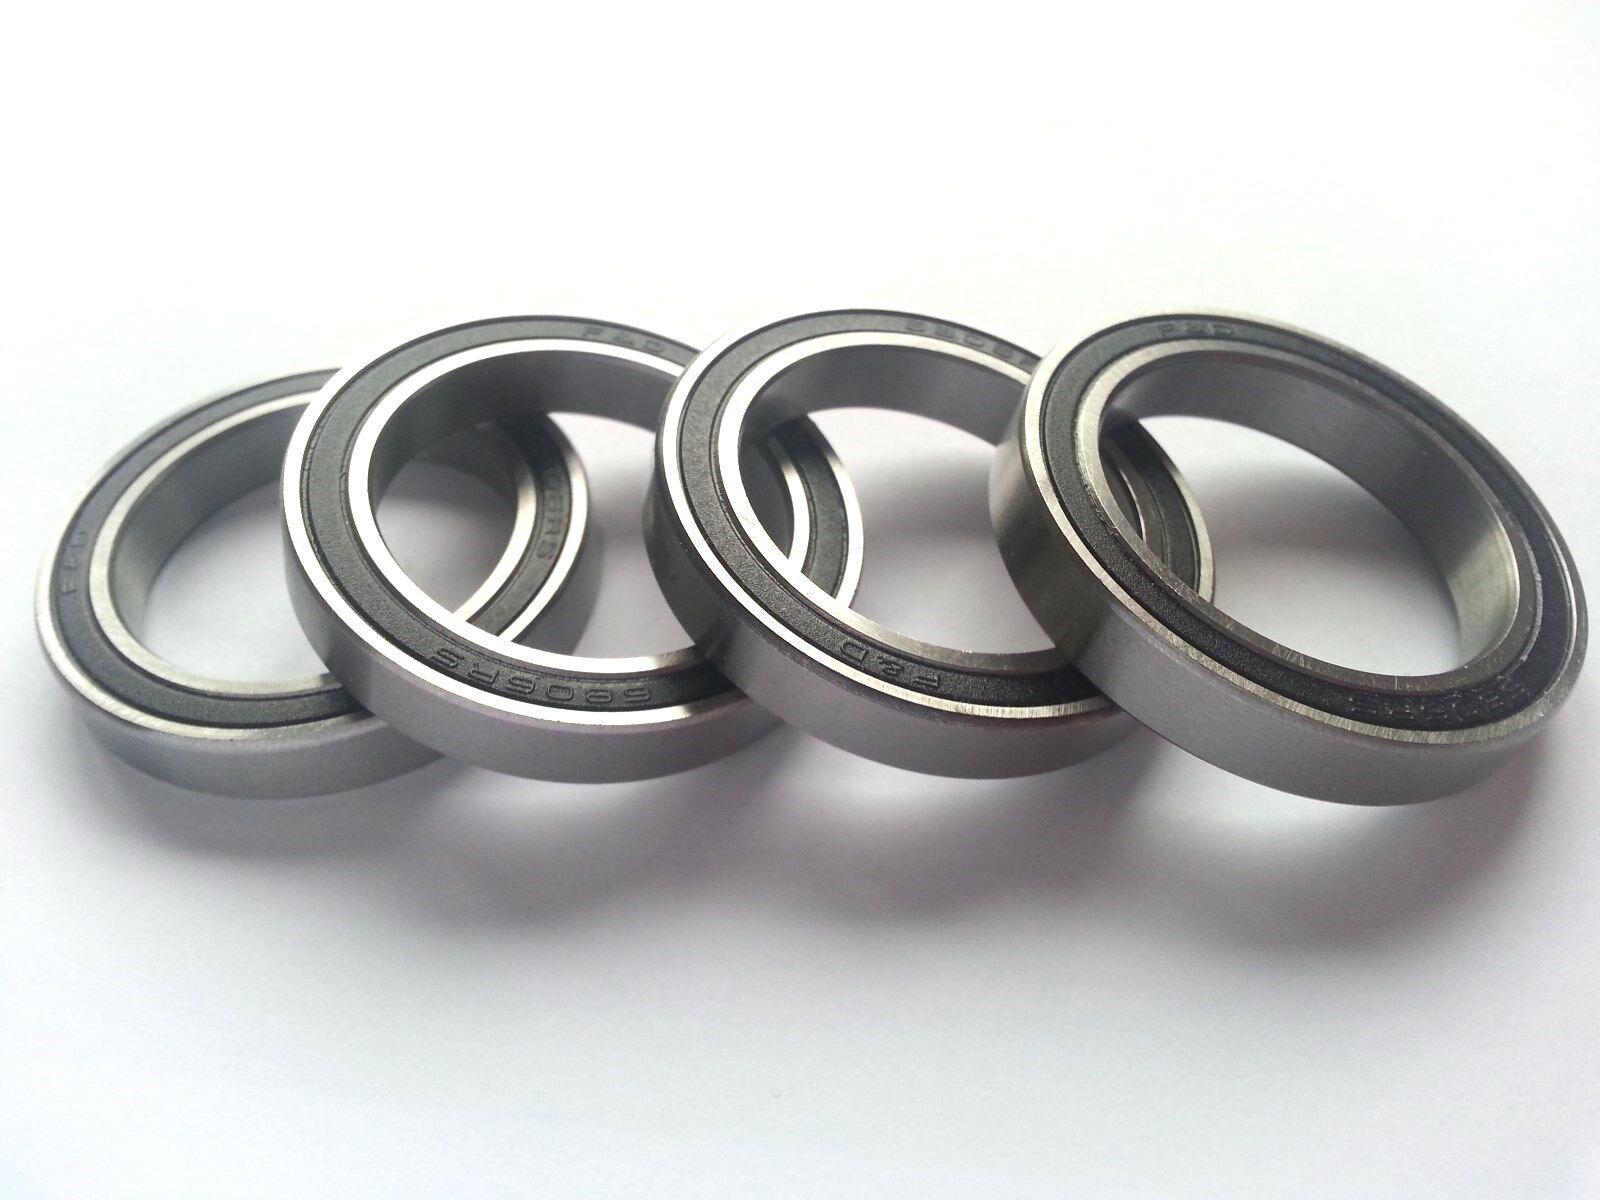 6806-2RS bearing premium bearings ABEC5 2 Pcs.